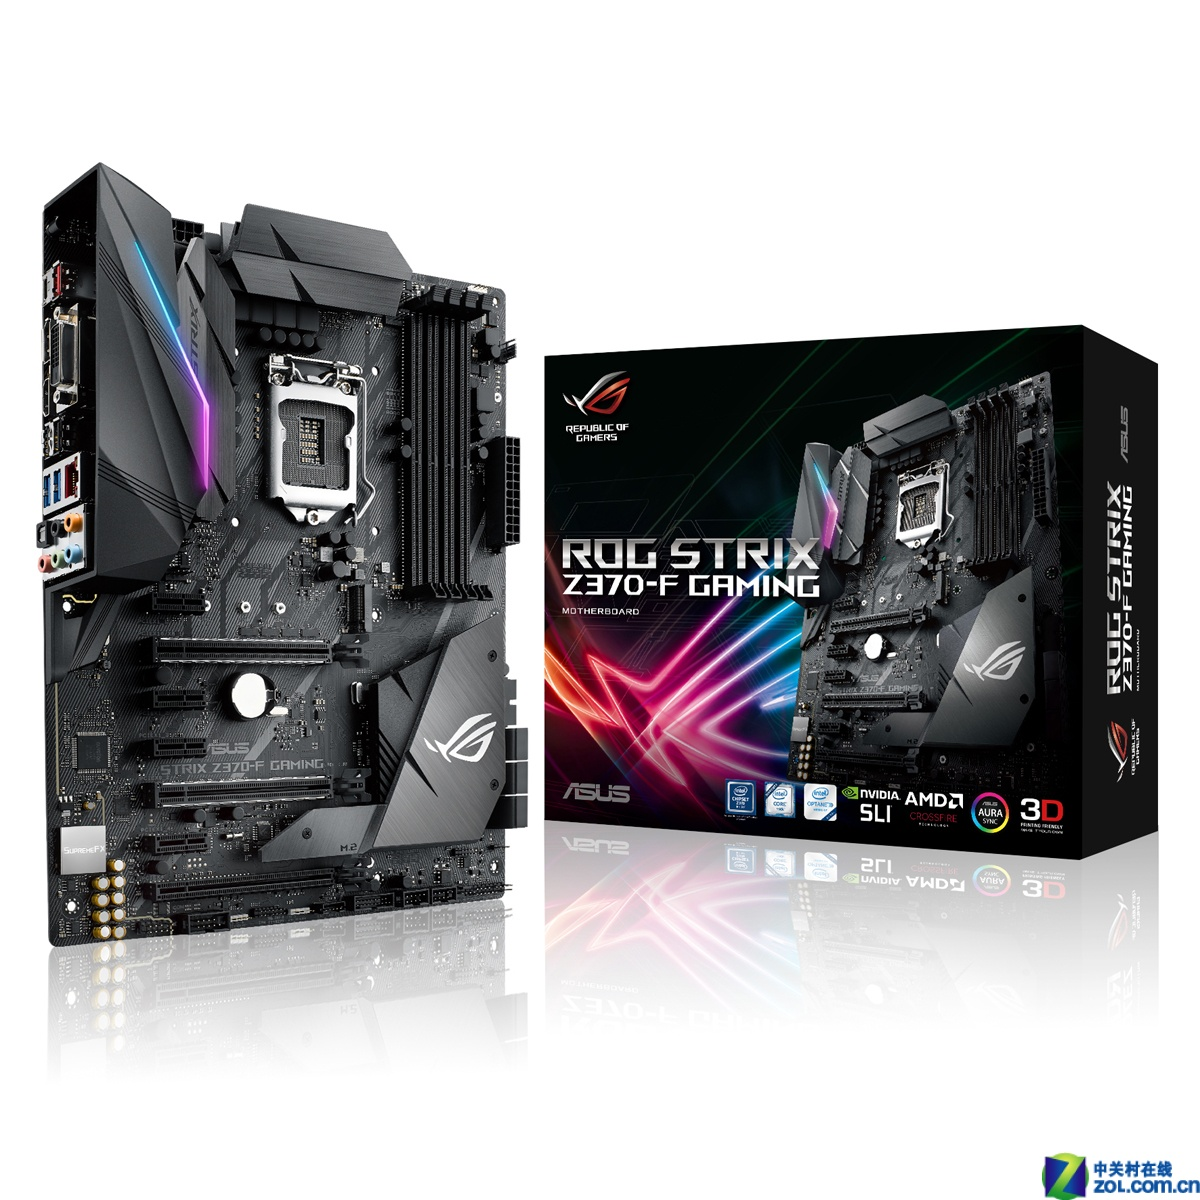 官方推荐的硬件配置信息 基于官方公布的超高画质硬件需求,笔者推荐上述这套主机配置。CPU部分推荐Core i7-8700K,借助华硕ROG STRIX Z370-F GAMING电竞主板,可充分稳定发挥这款旗舰CPU的强劲性能。再加上华硕ROG STRIX GTX 1070Ti显卡、ROG PG27VQ显示器和16GB大容量高频内存,可提供出色的游戏体验,在2K分辨率、超高画质下畅玩《魔兽世界:争霸艾泽拉斯》无压力。